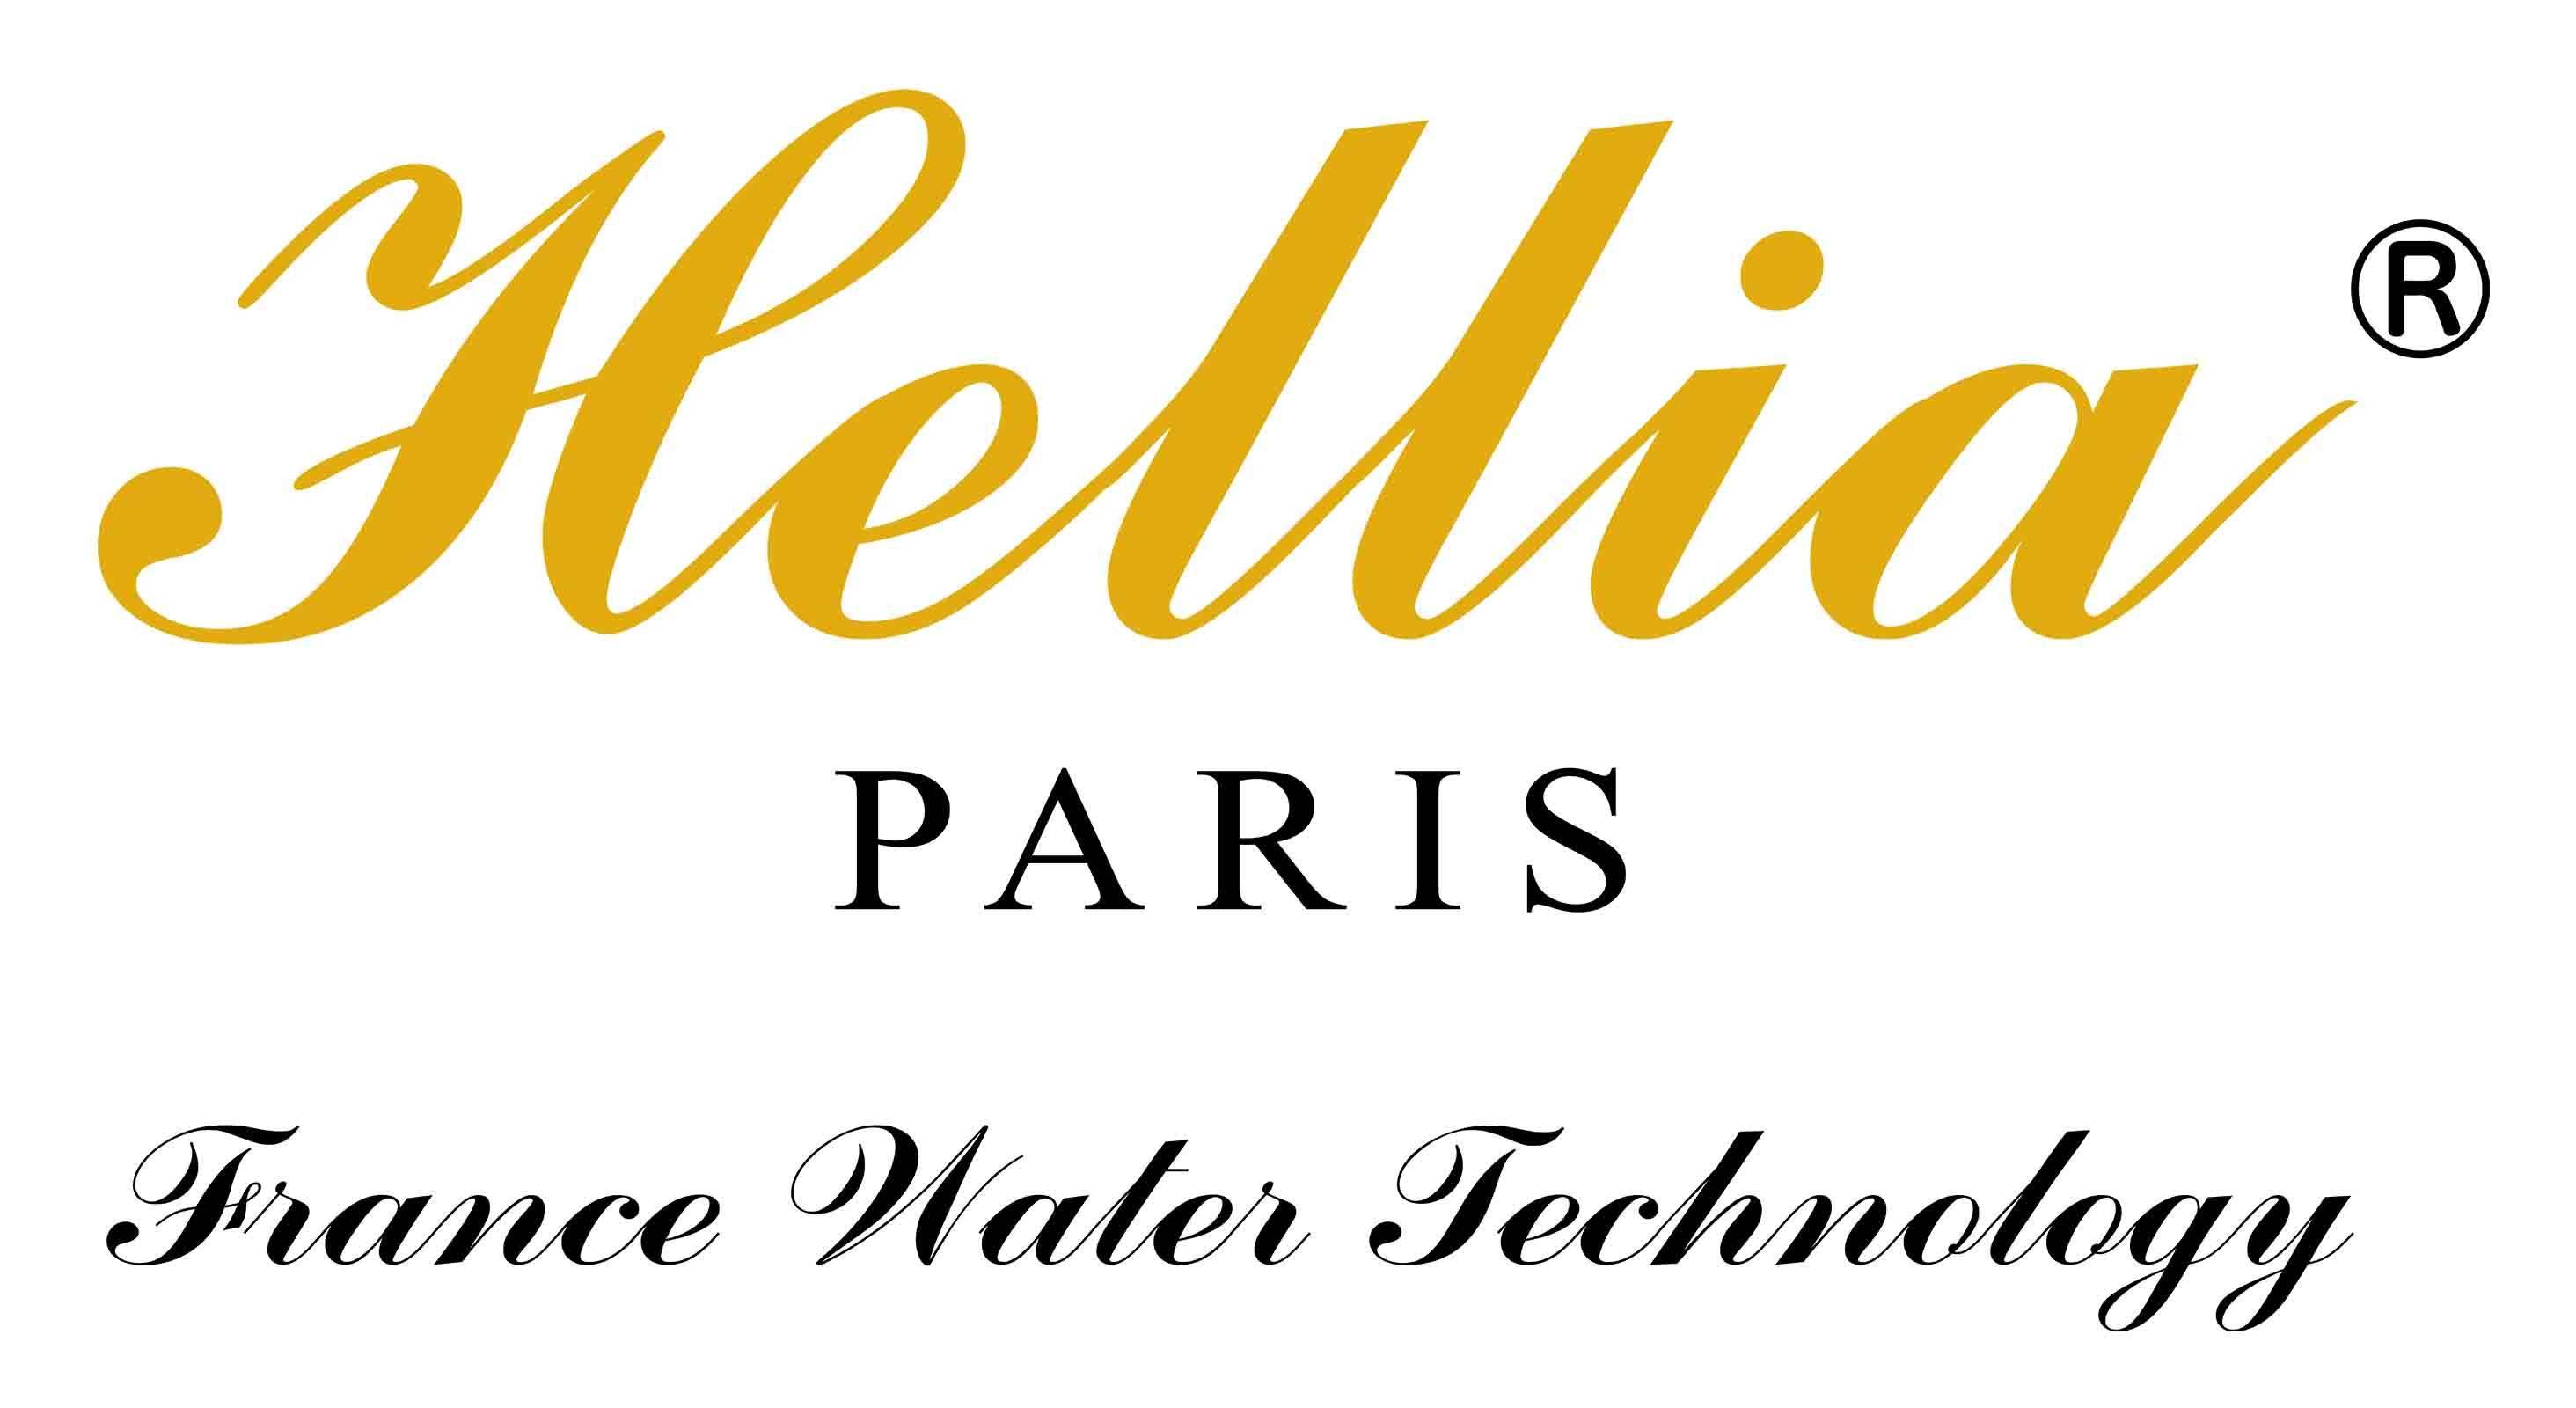 Hellia